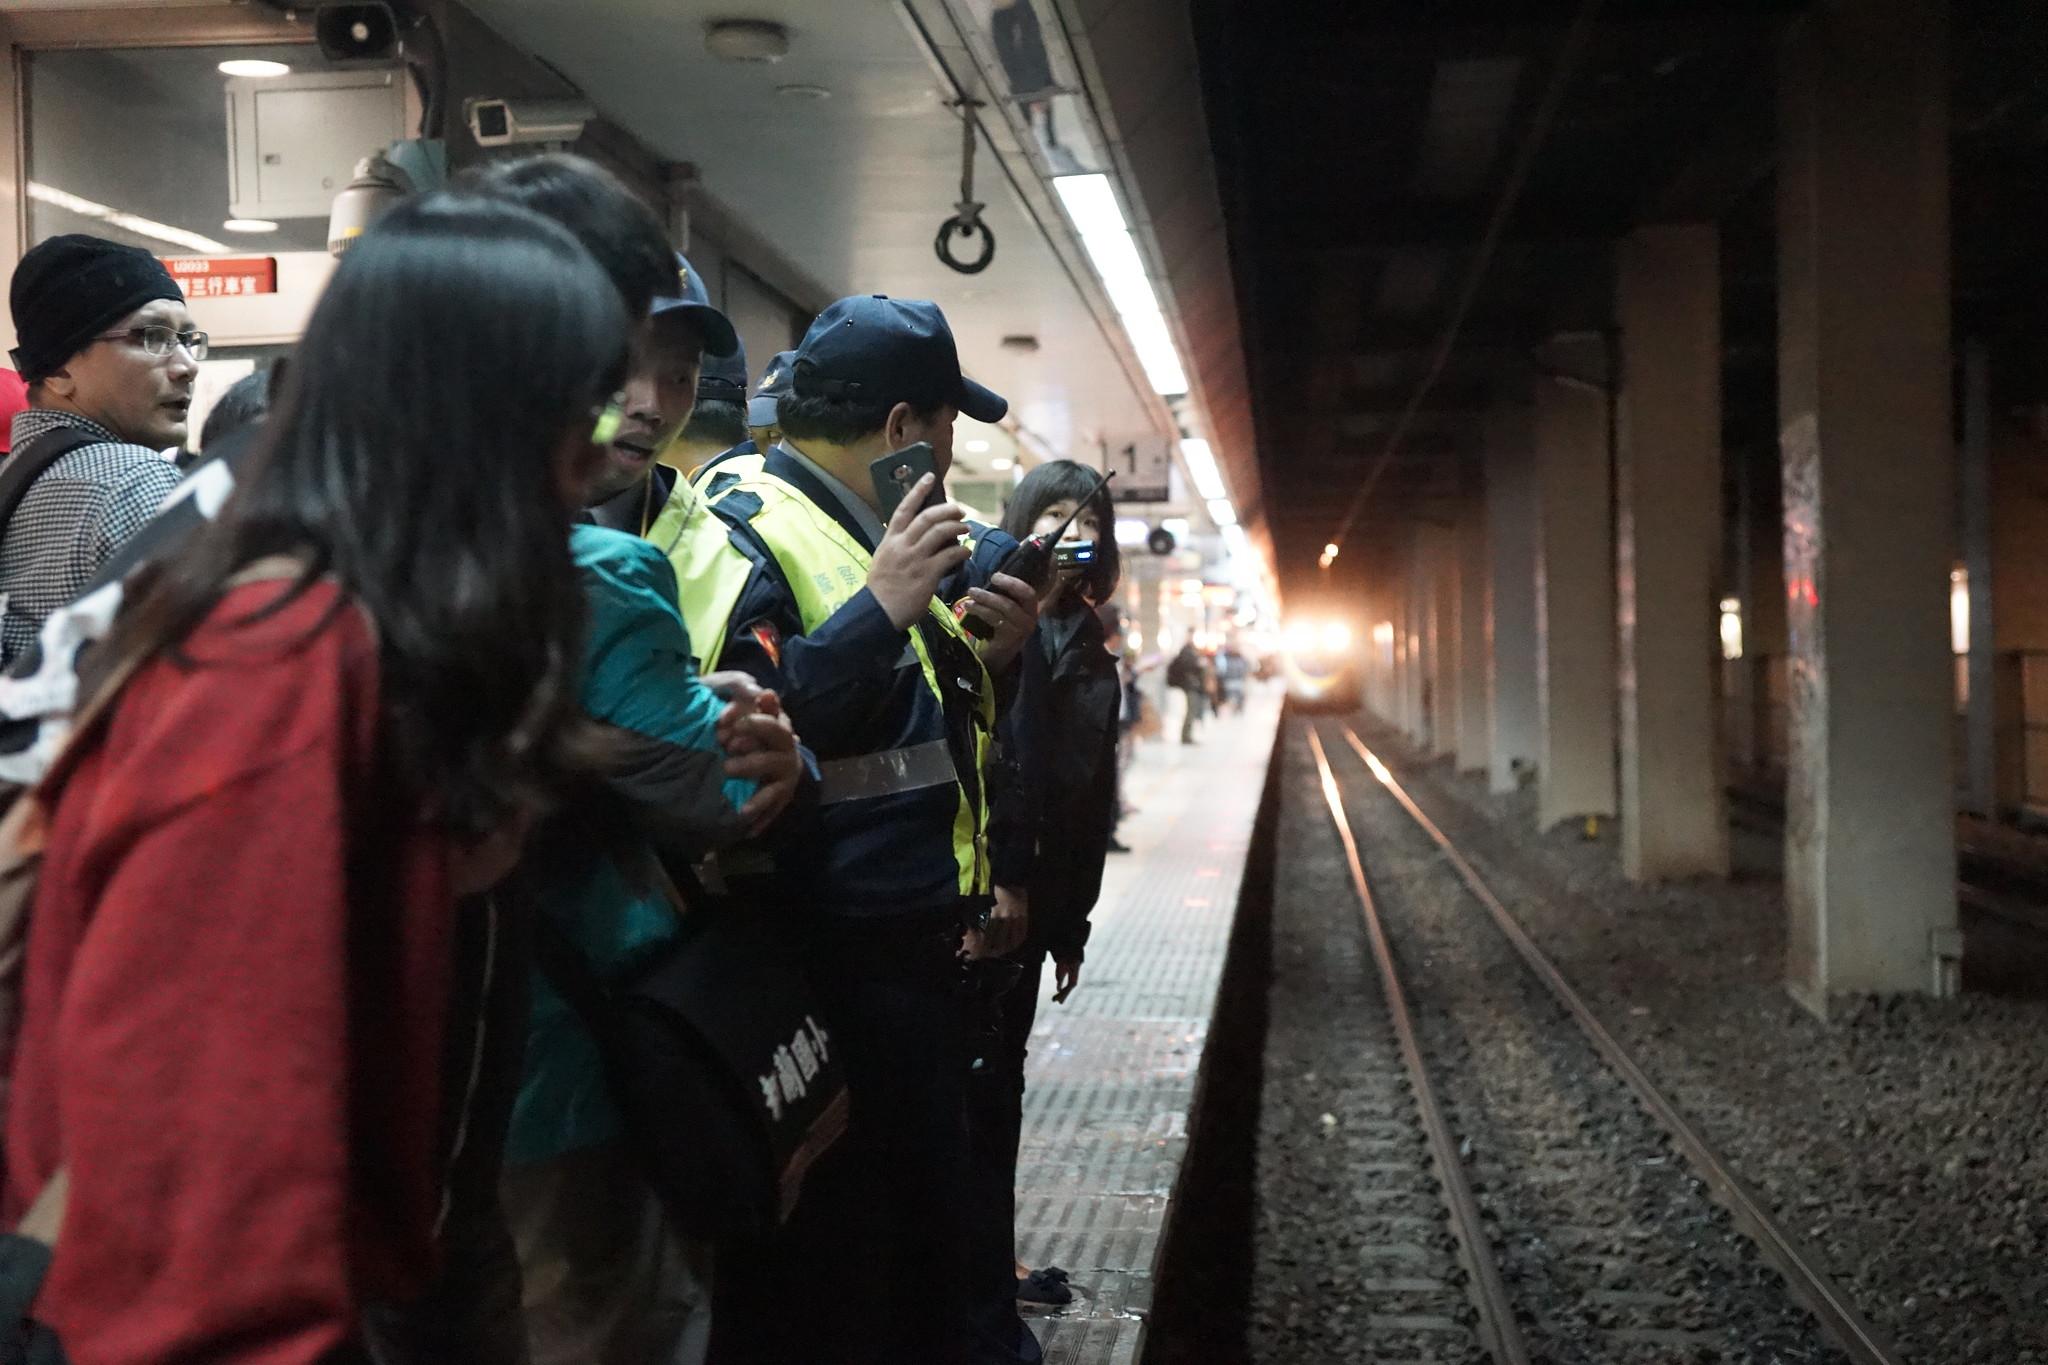 行動過程一度遇列車進站,現場氣氛緊張。(攝影:王顥中)